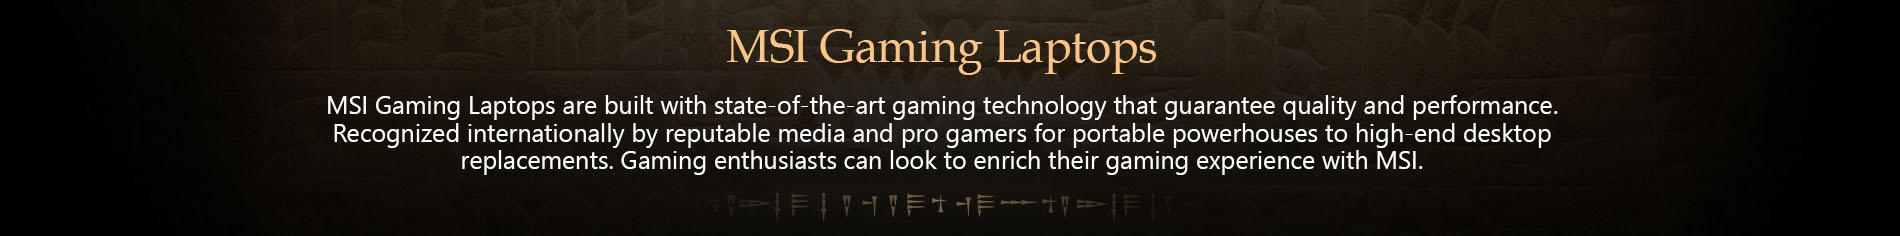 MSI Gaminglaptops 30series 01.25.gaminglt